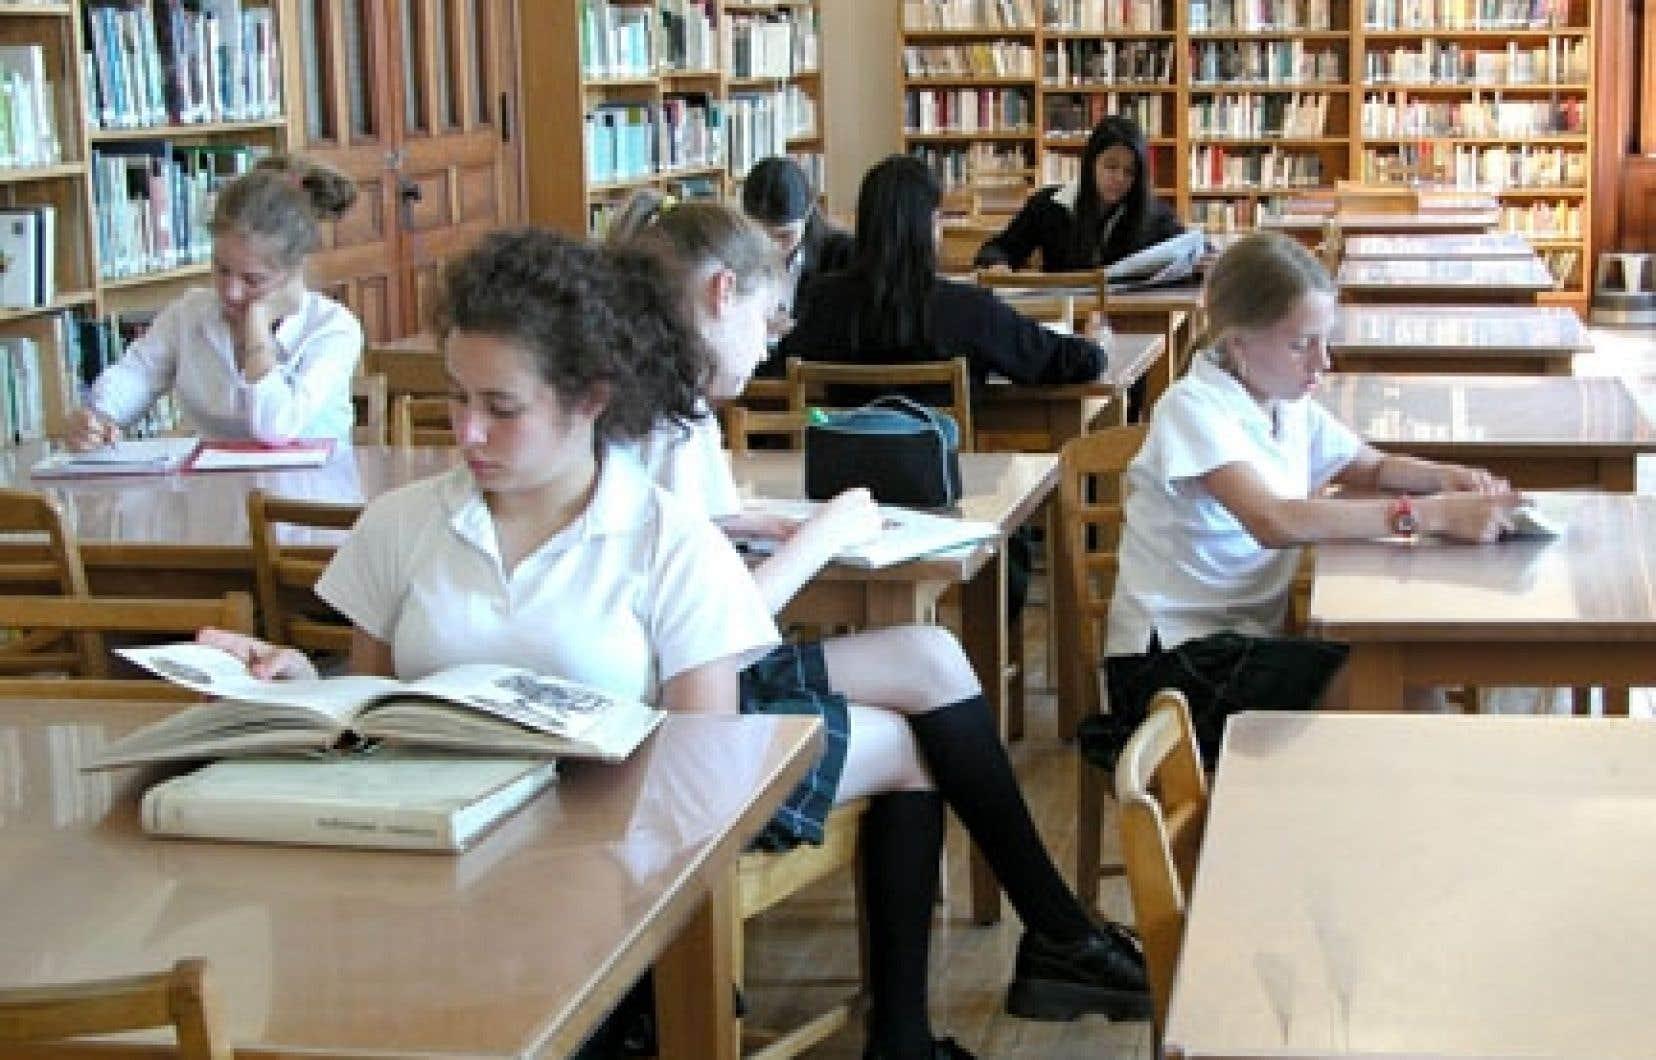 Le pensionnat du Saint-Nom-de-Marie est un établissement secondaire privé s'adressant à une clientèle presque exclusivement féminine.